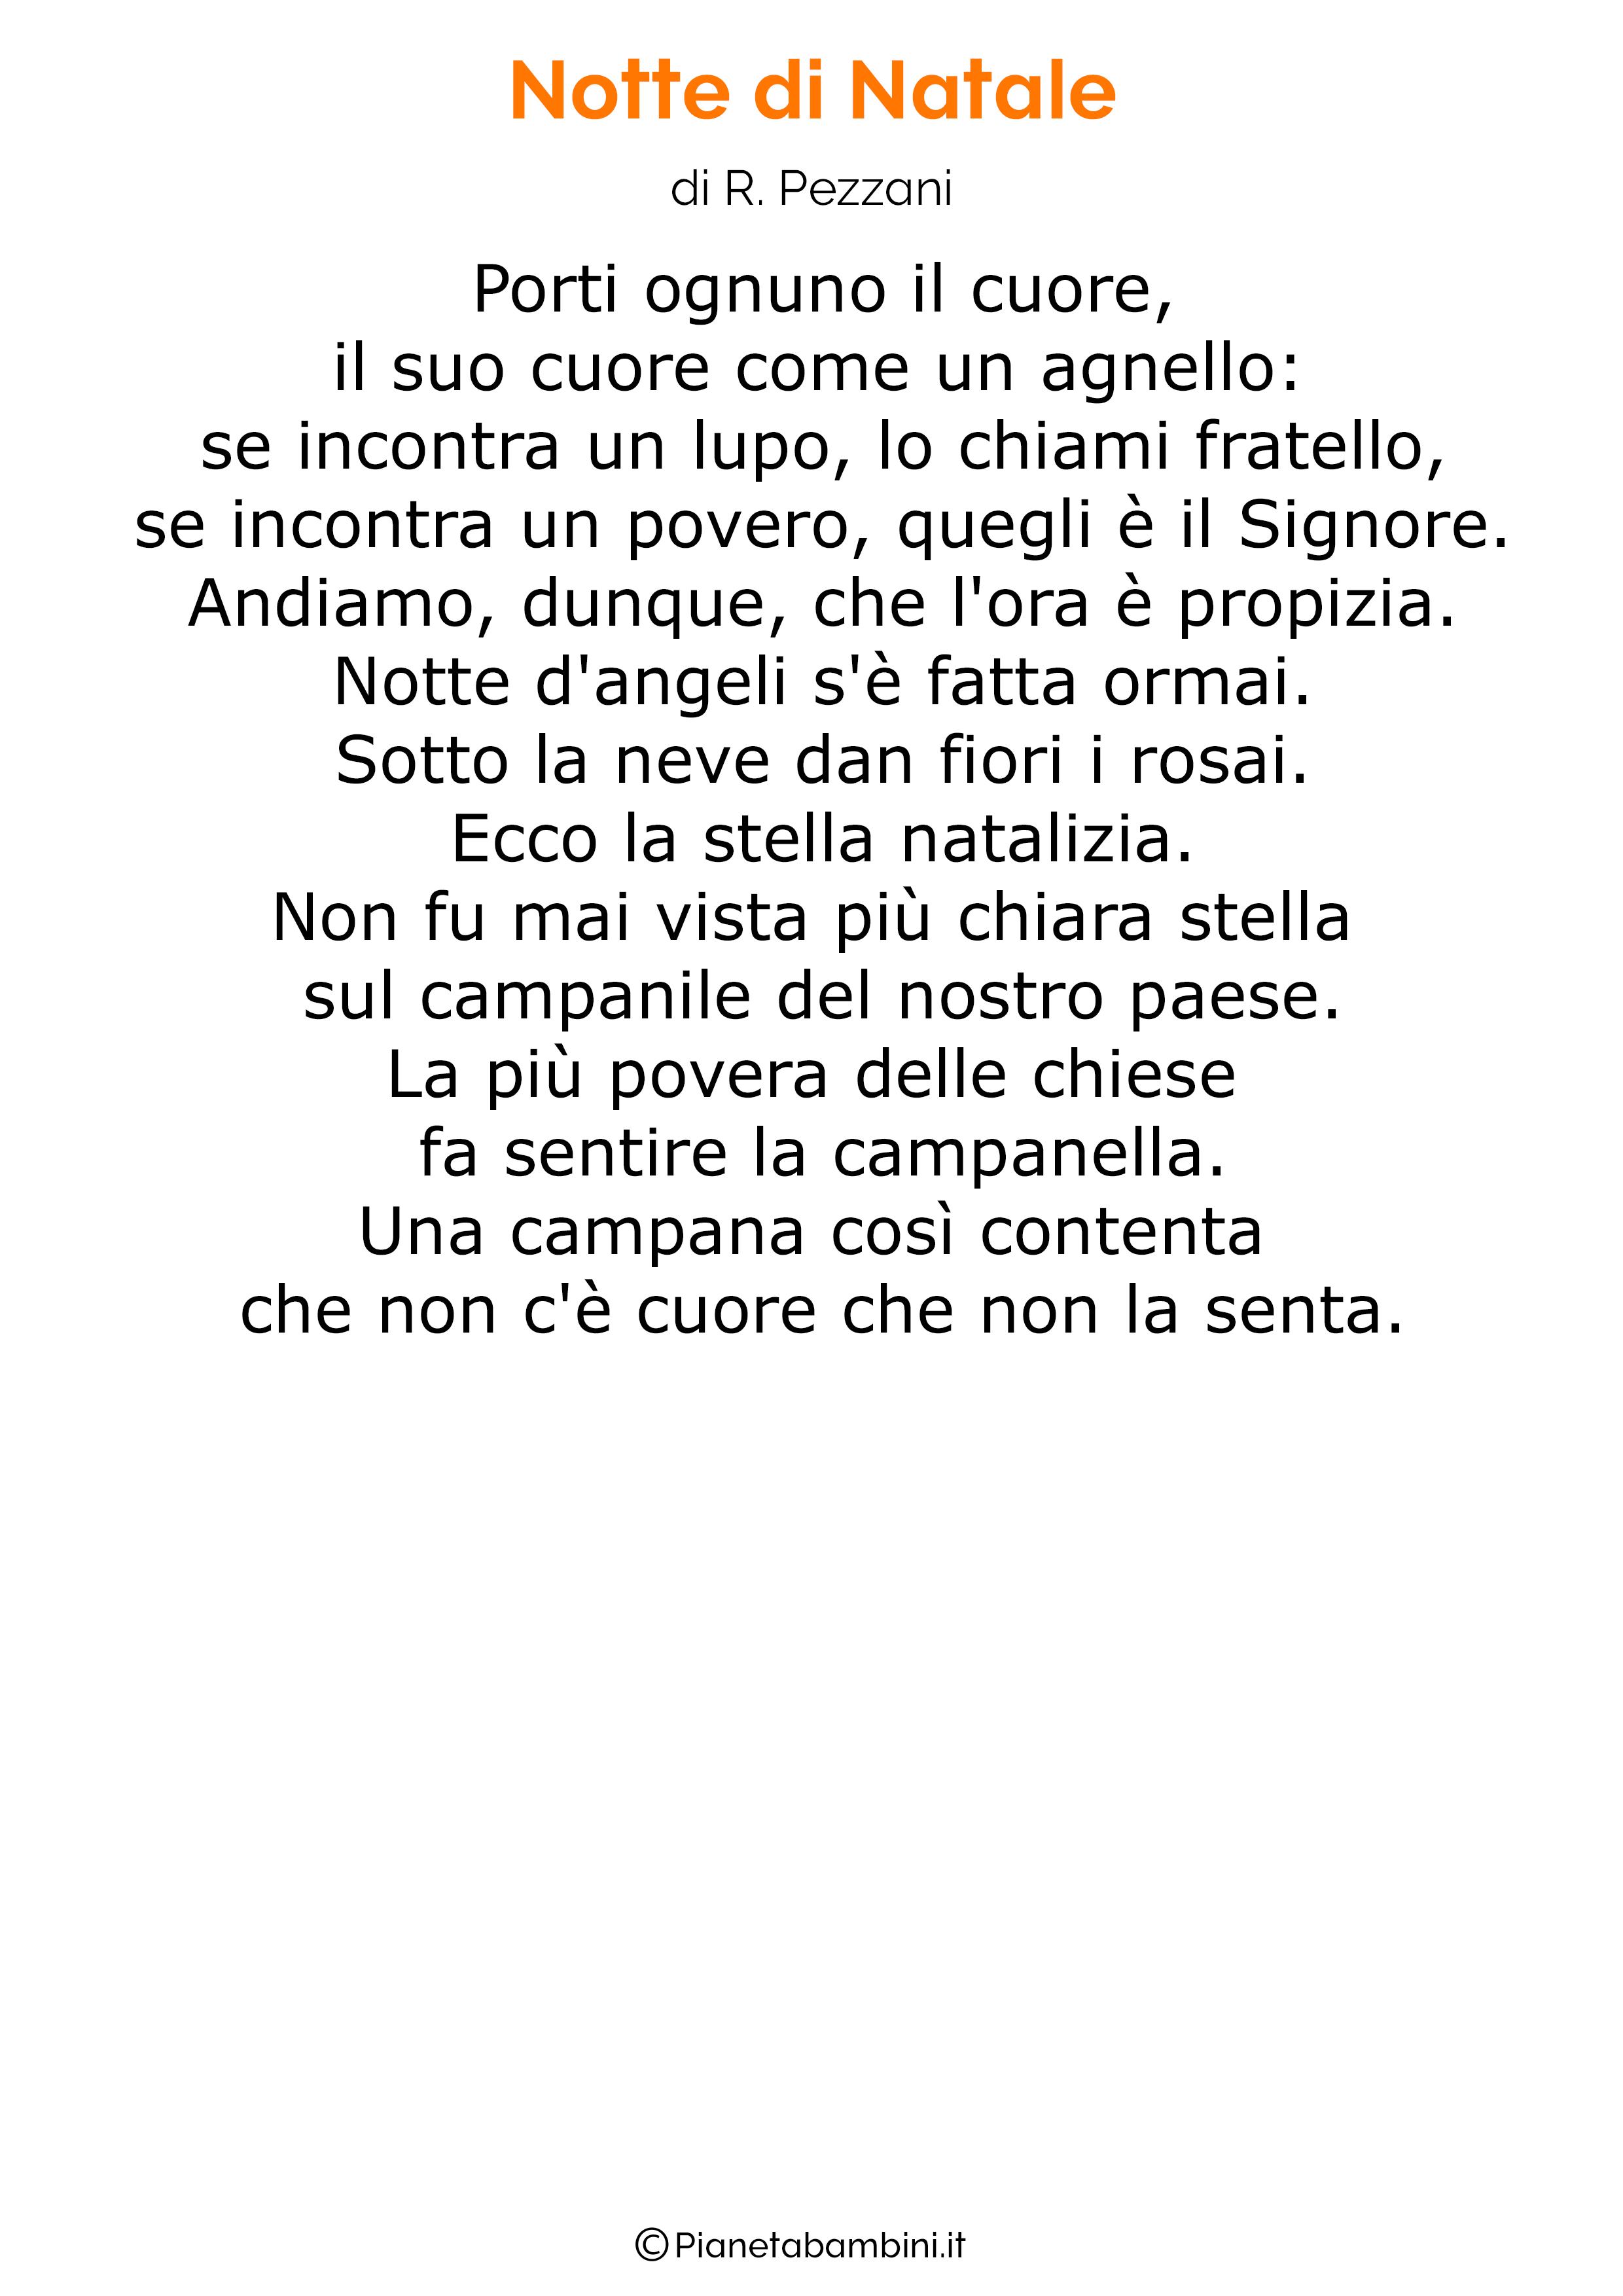 Poesia di Natale 23